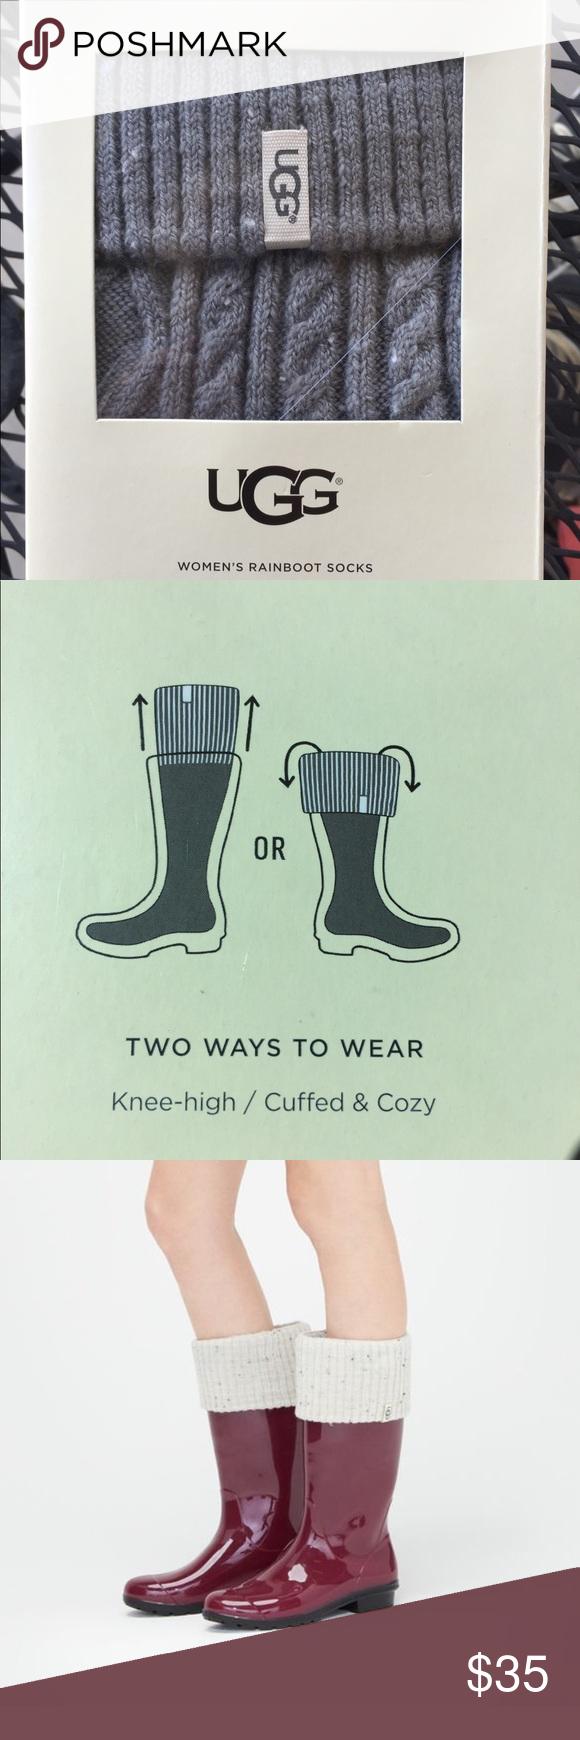 b517faa1eba New UGG Rain Boot Socks New UGG Boot Socks. Style- Shaye Tall. New ...